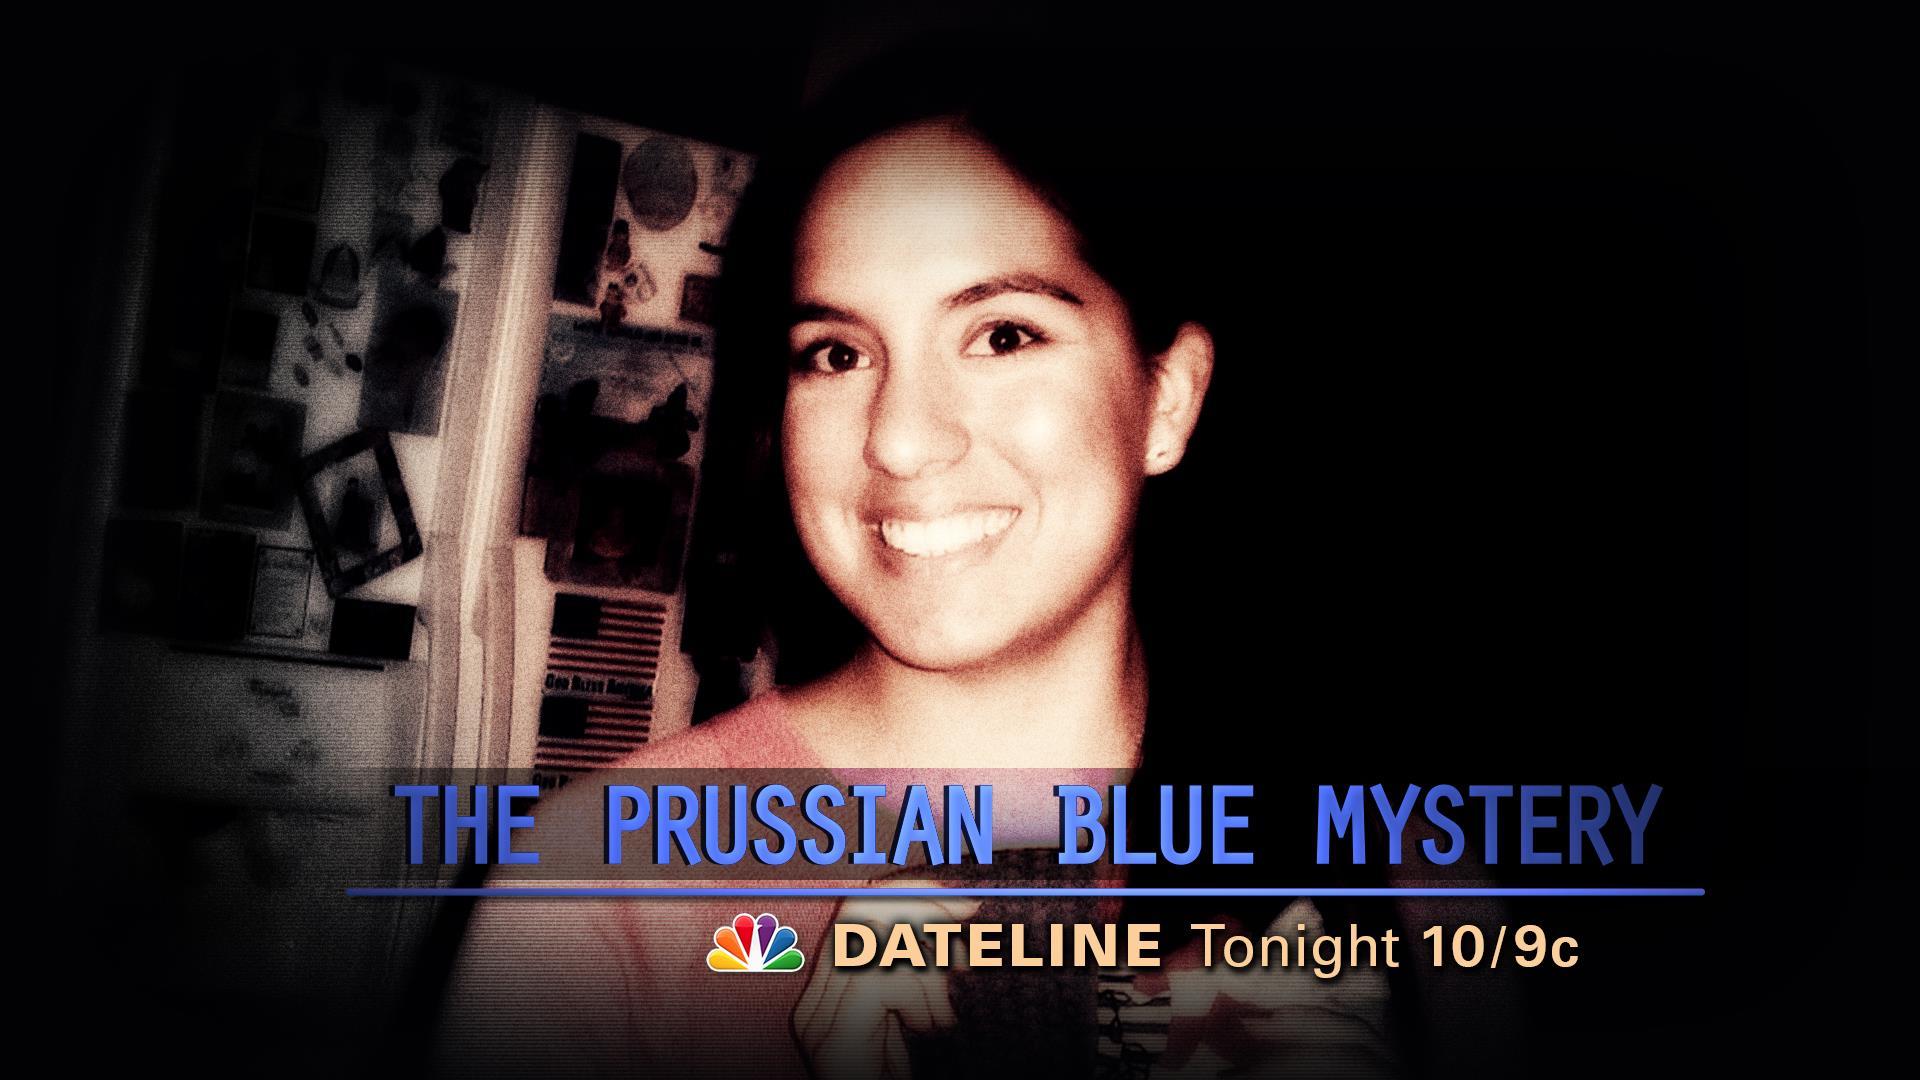 DATELINE MONDAY SNEAK PEEK: The Prussian Blue Mystery